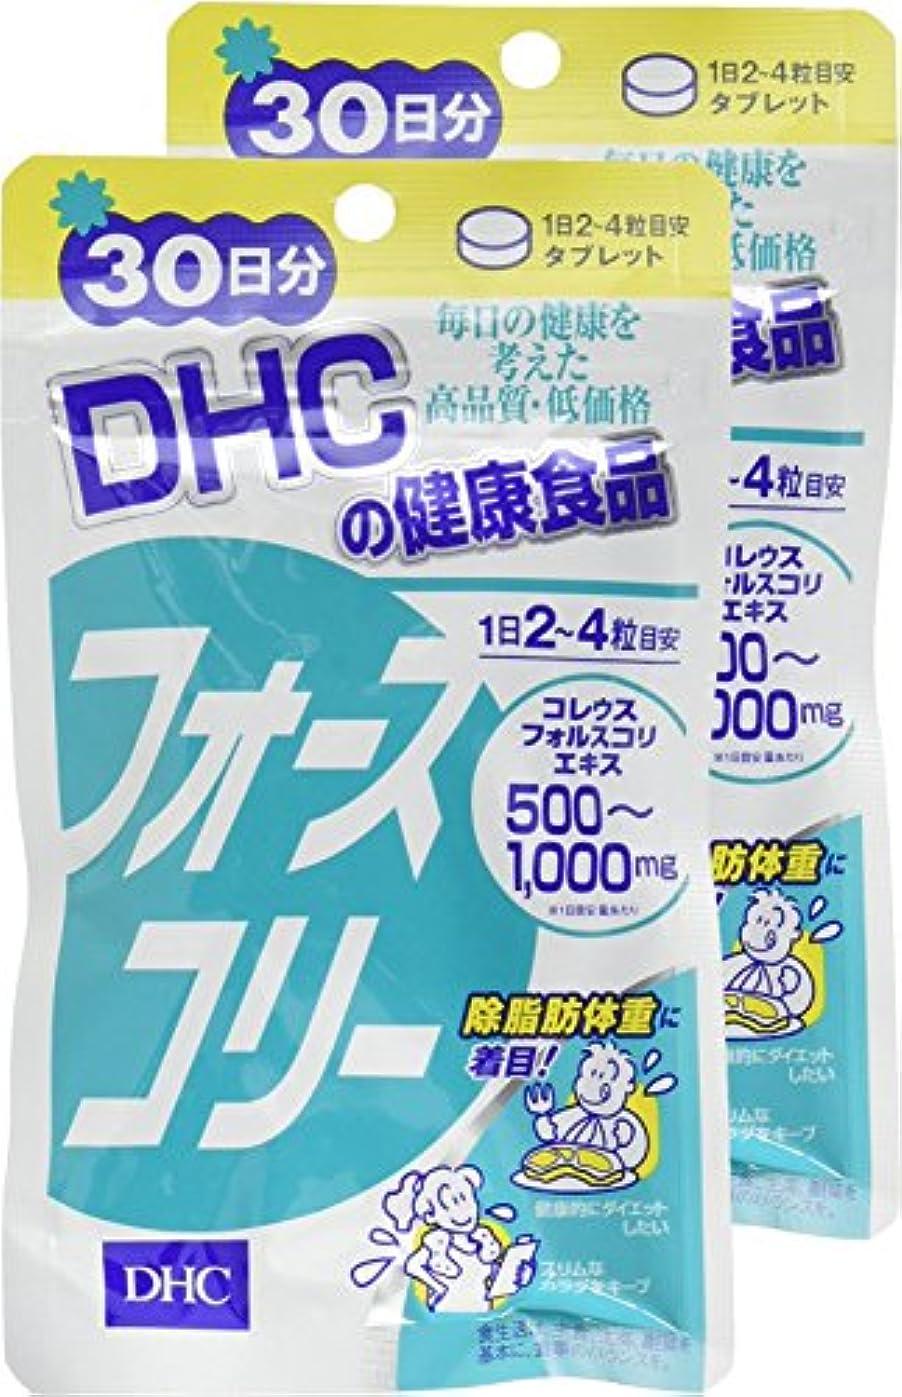 眠いです参加者できたDHC フォースコリー 30日分 120粒 ×2個セット